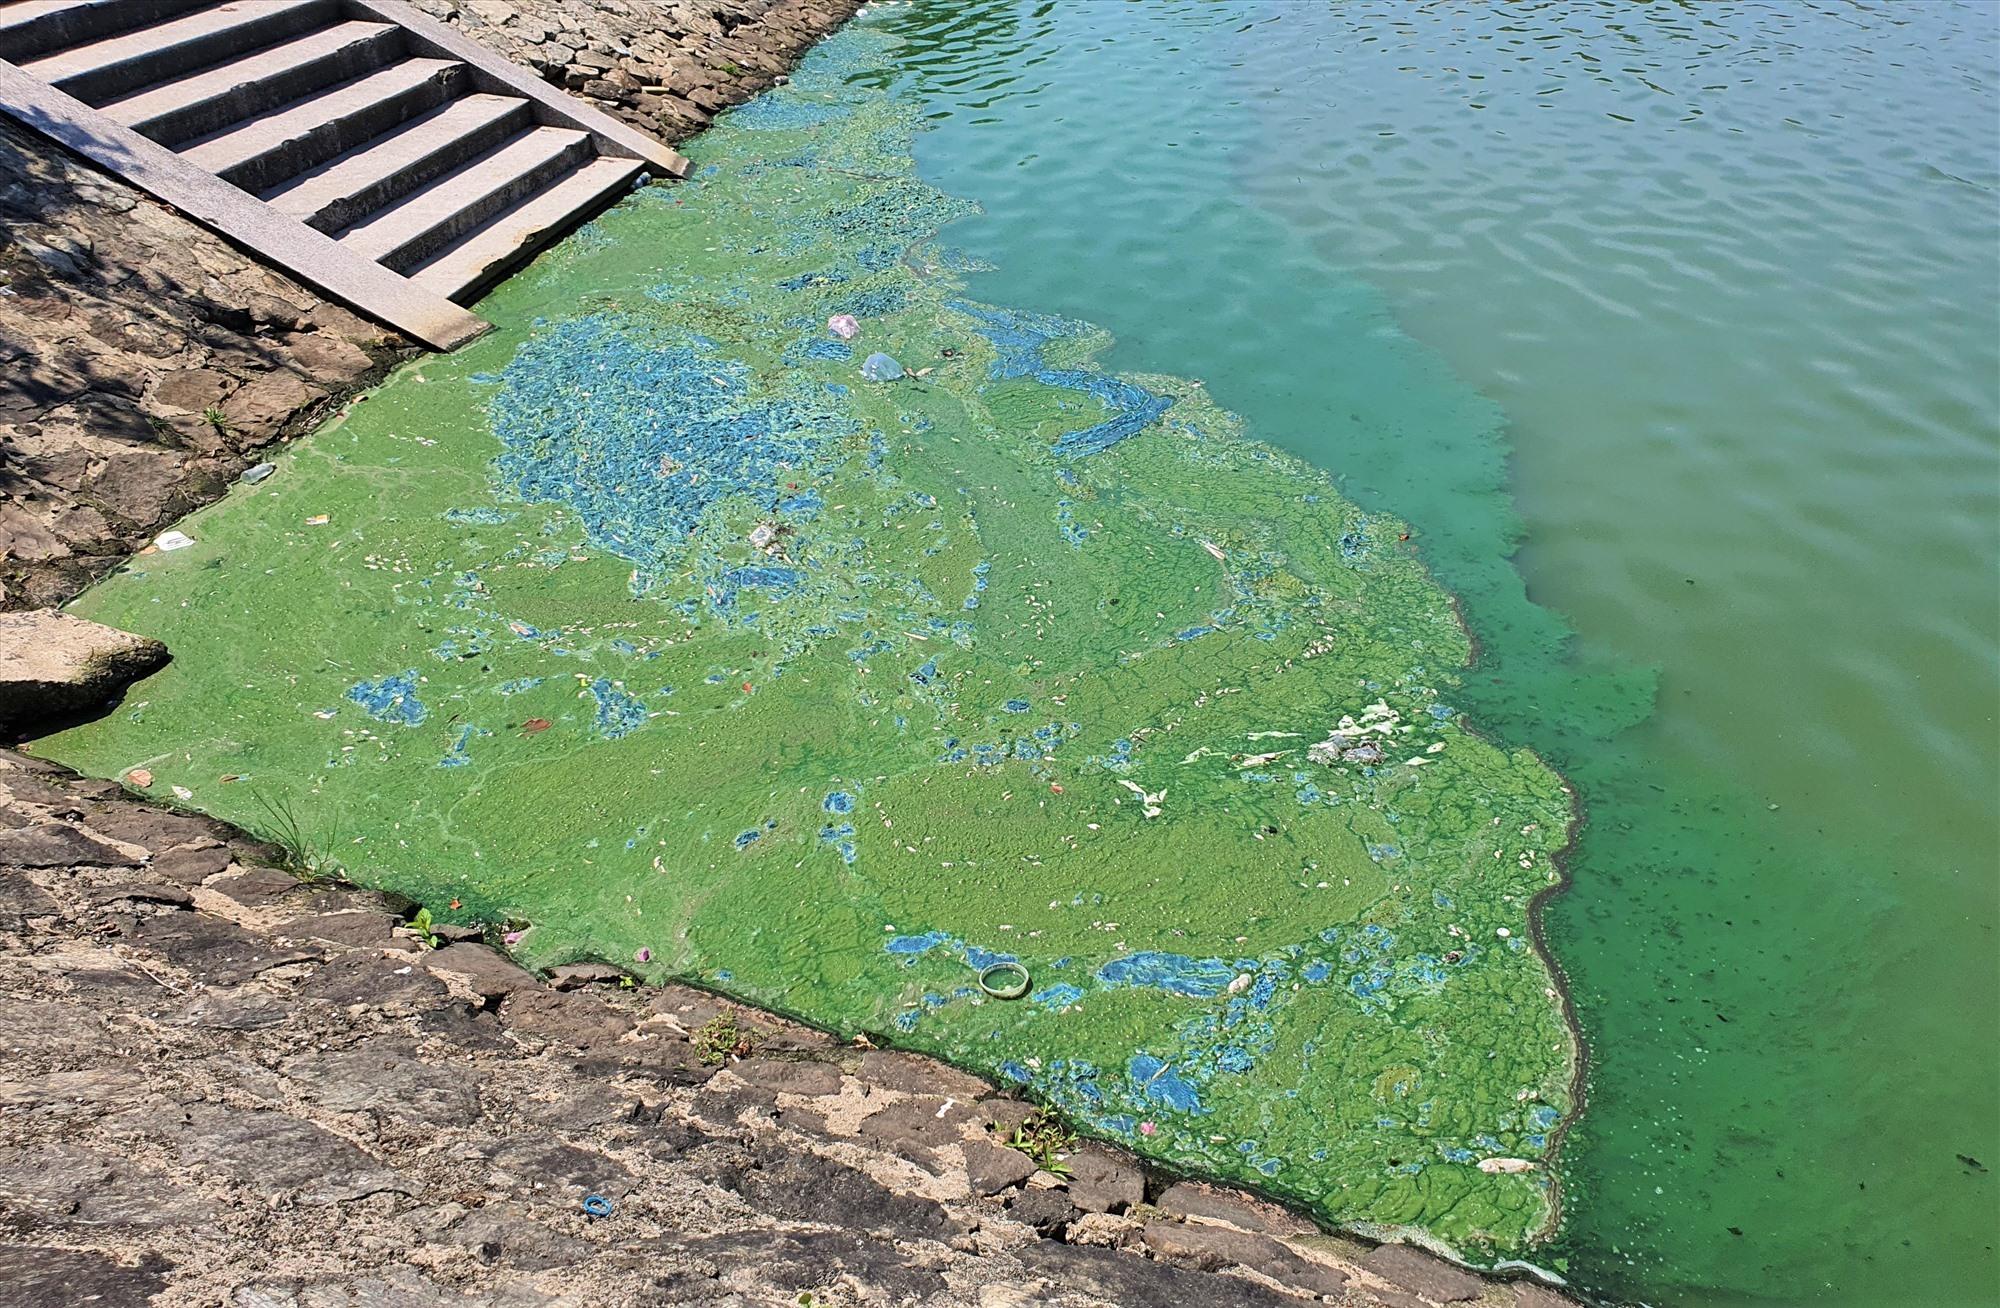 Lớp ván có màu xanh dưới hồ điều hòa Nguyễn Du. Ảnh: HOÀI AN